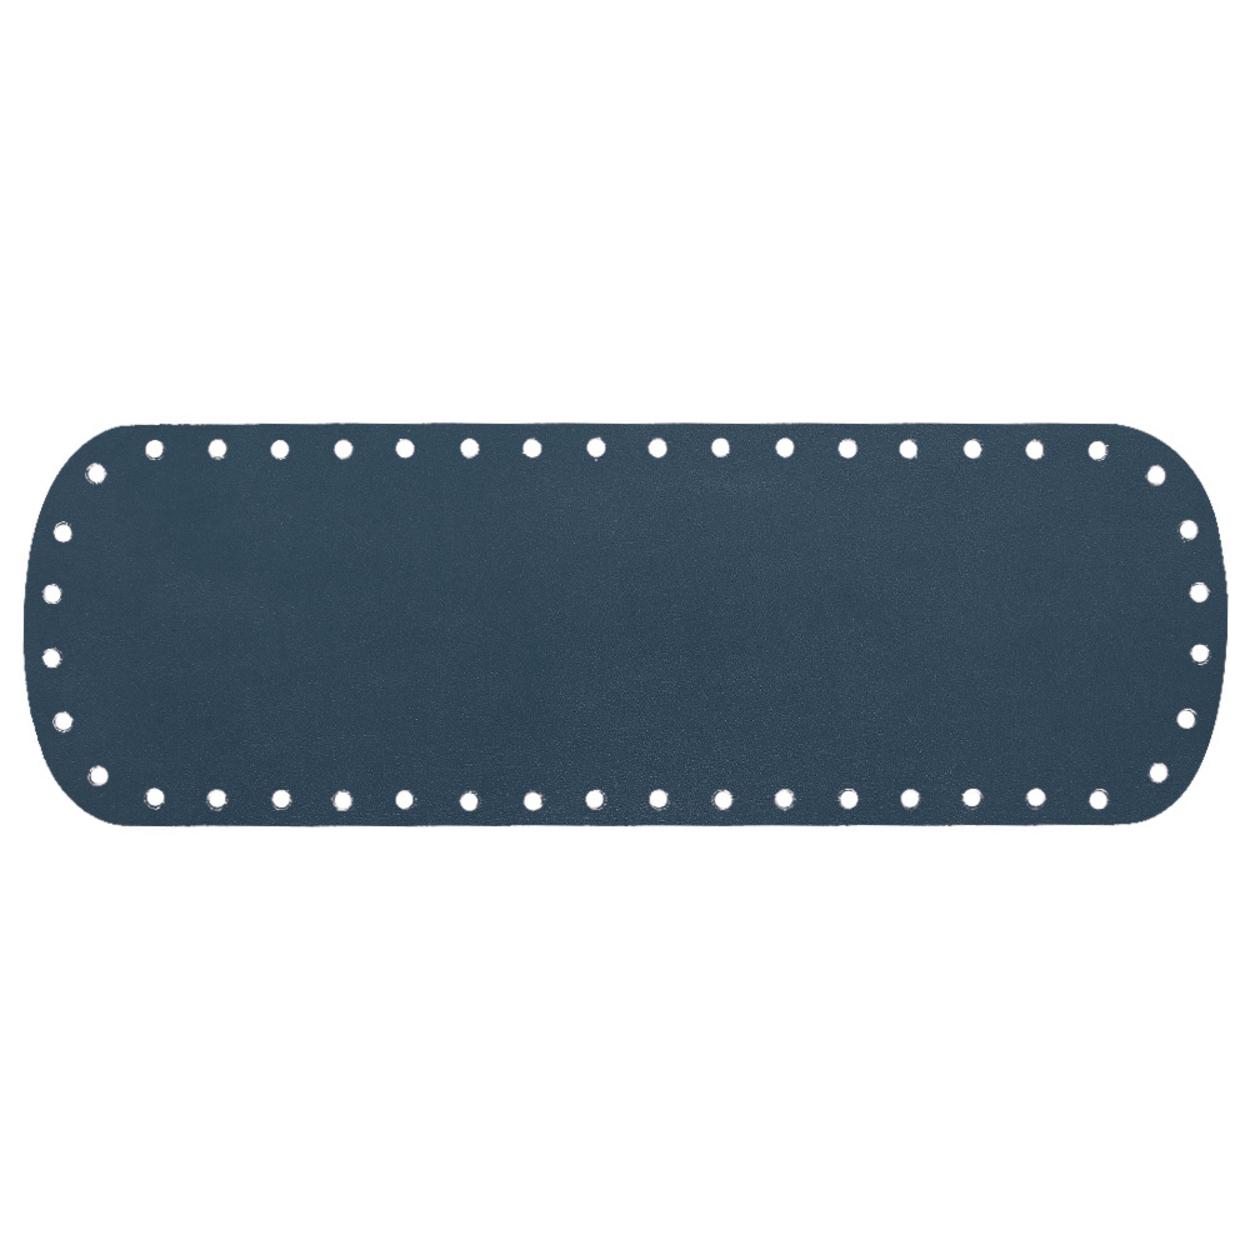 Кожа - Дно для сумки 10 х 30 см. Navy blue